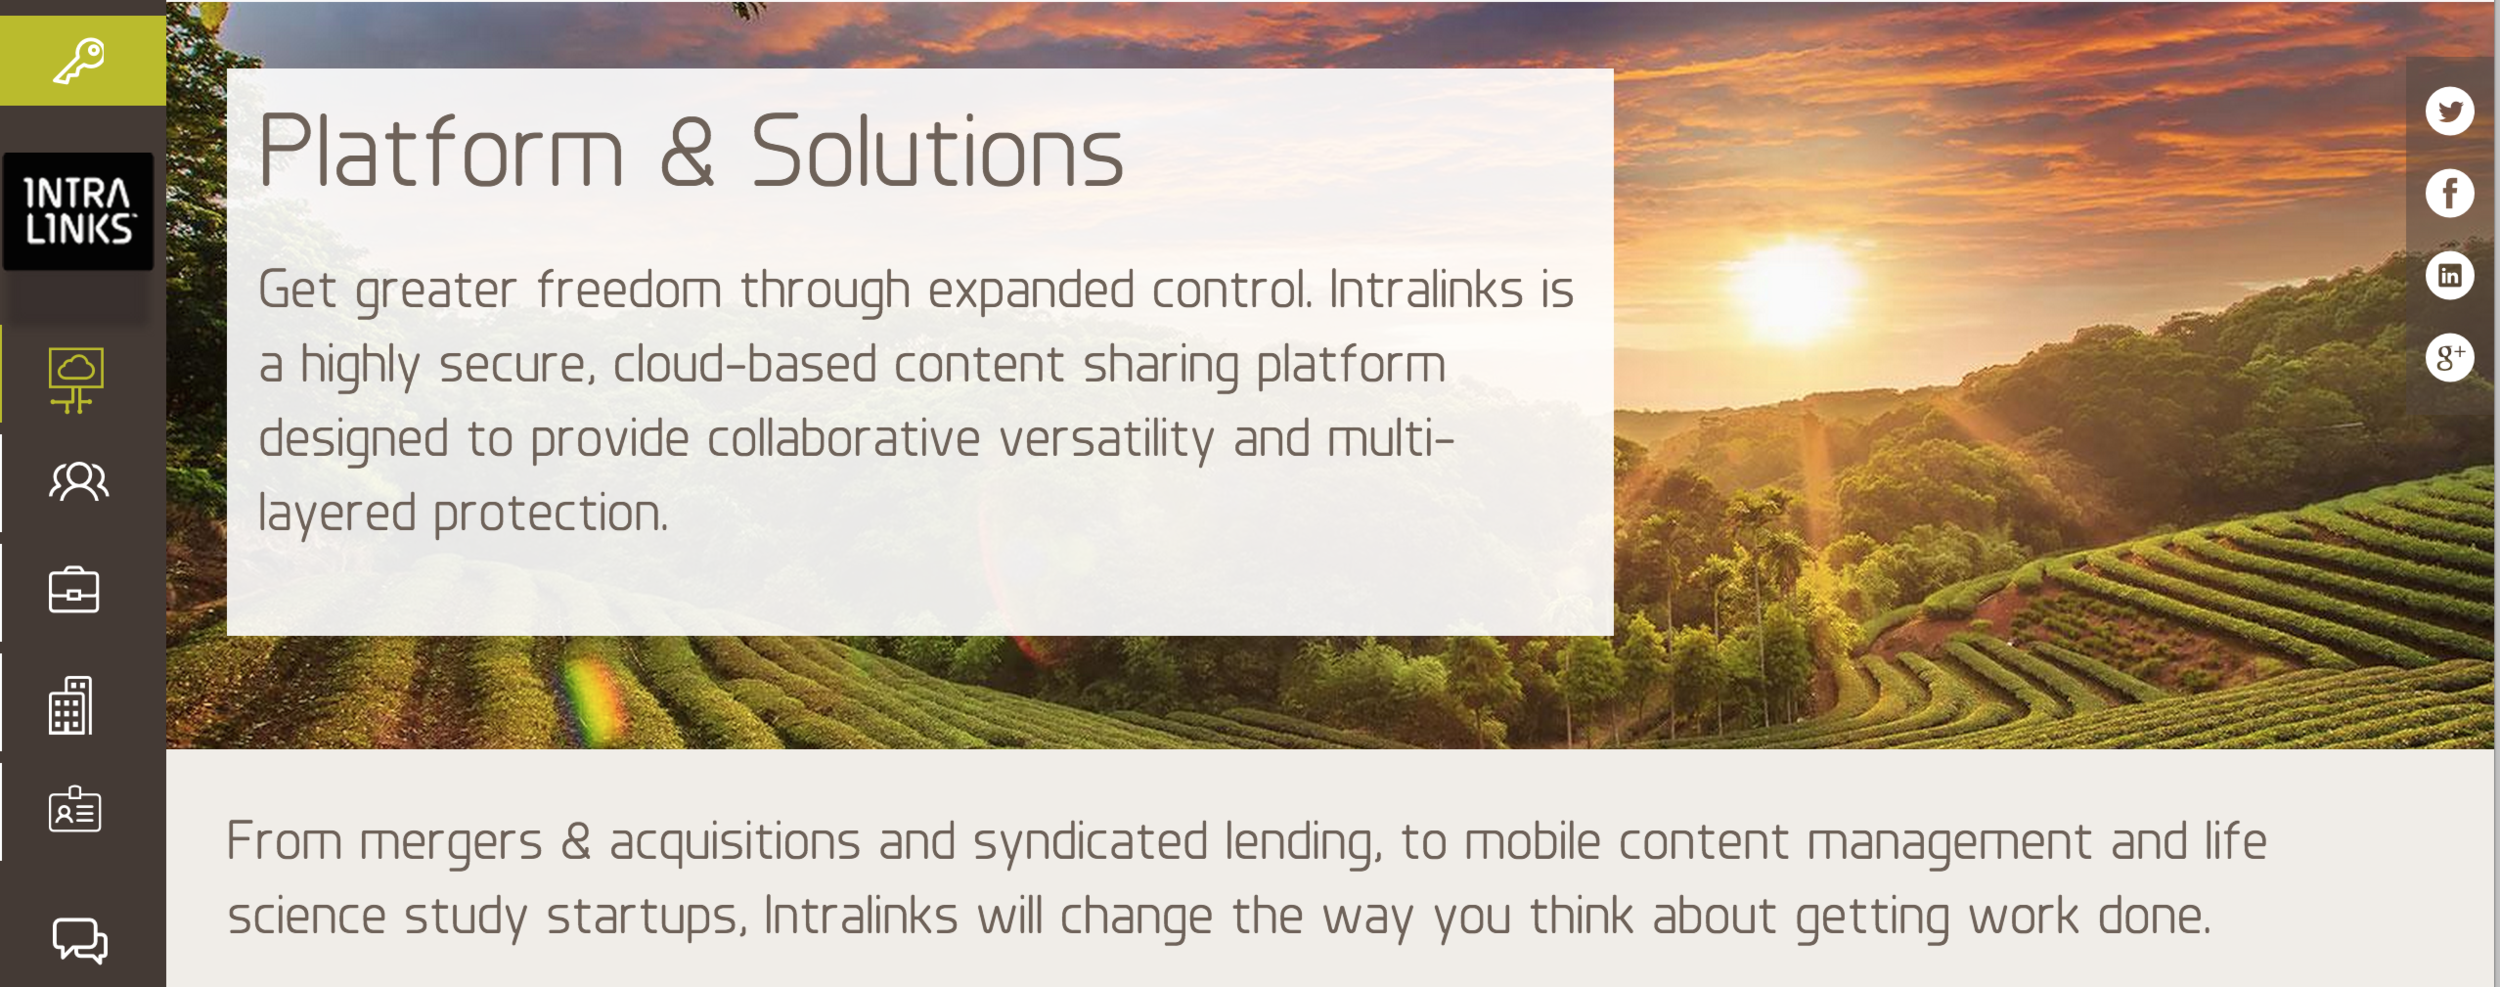 intralinks-platform-solutions.png